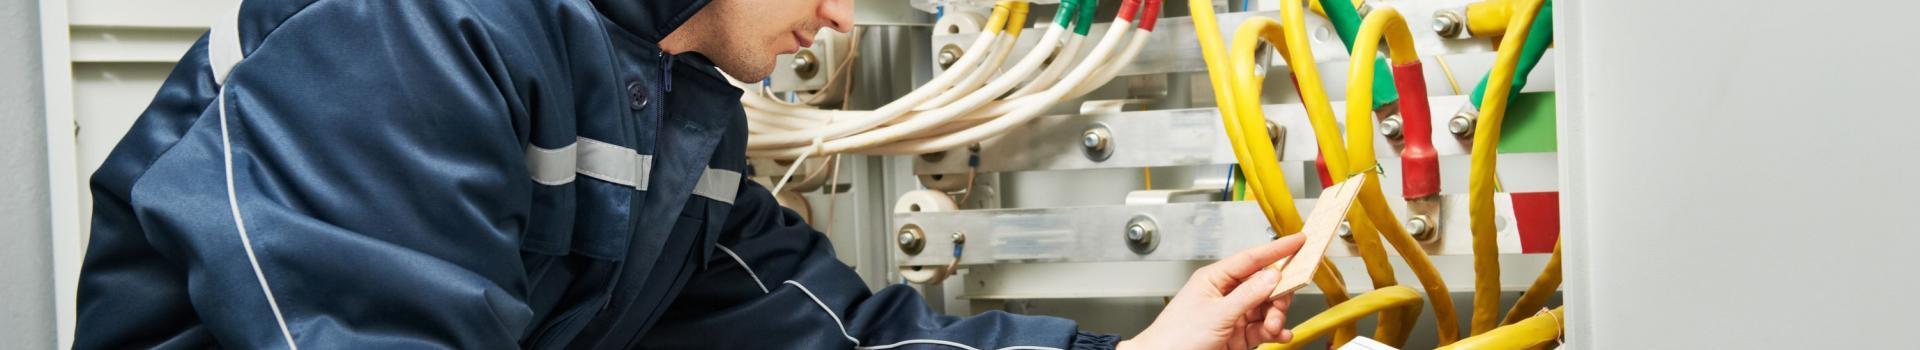 Stroomgenerator elektricien